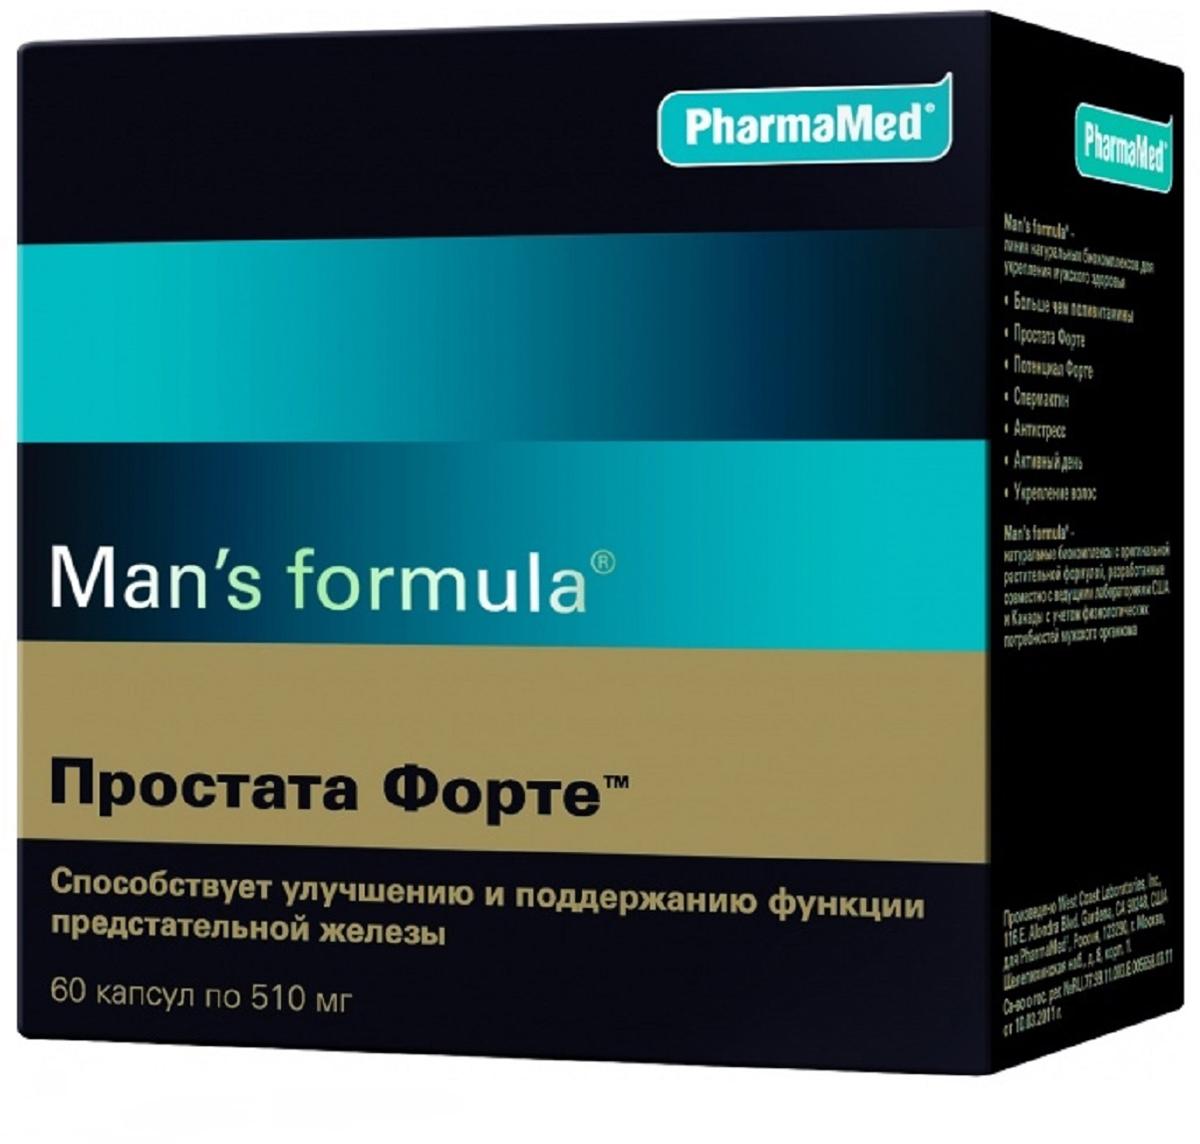 Мен-С Формула Простата Форте капсулы 650 мг №6029483Простата Форте эффективно нормализует обменные процессы в предстательной железе, снимает воспаление и отек простаты, дискомфорт в промежности, устраняет болевые ощущения при мочеиспускании. Сфера применения: ВитаминологияОбщеукрепляющее